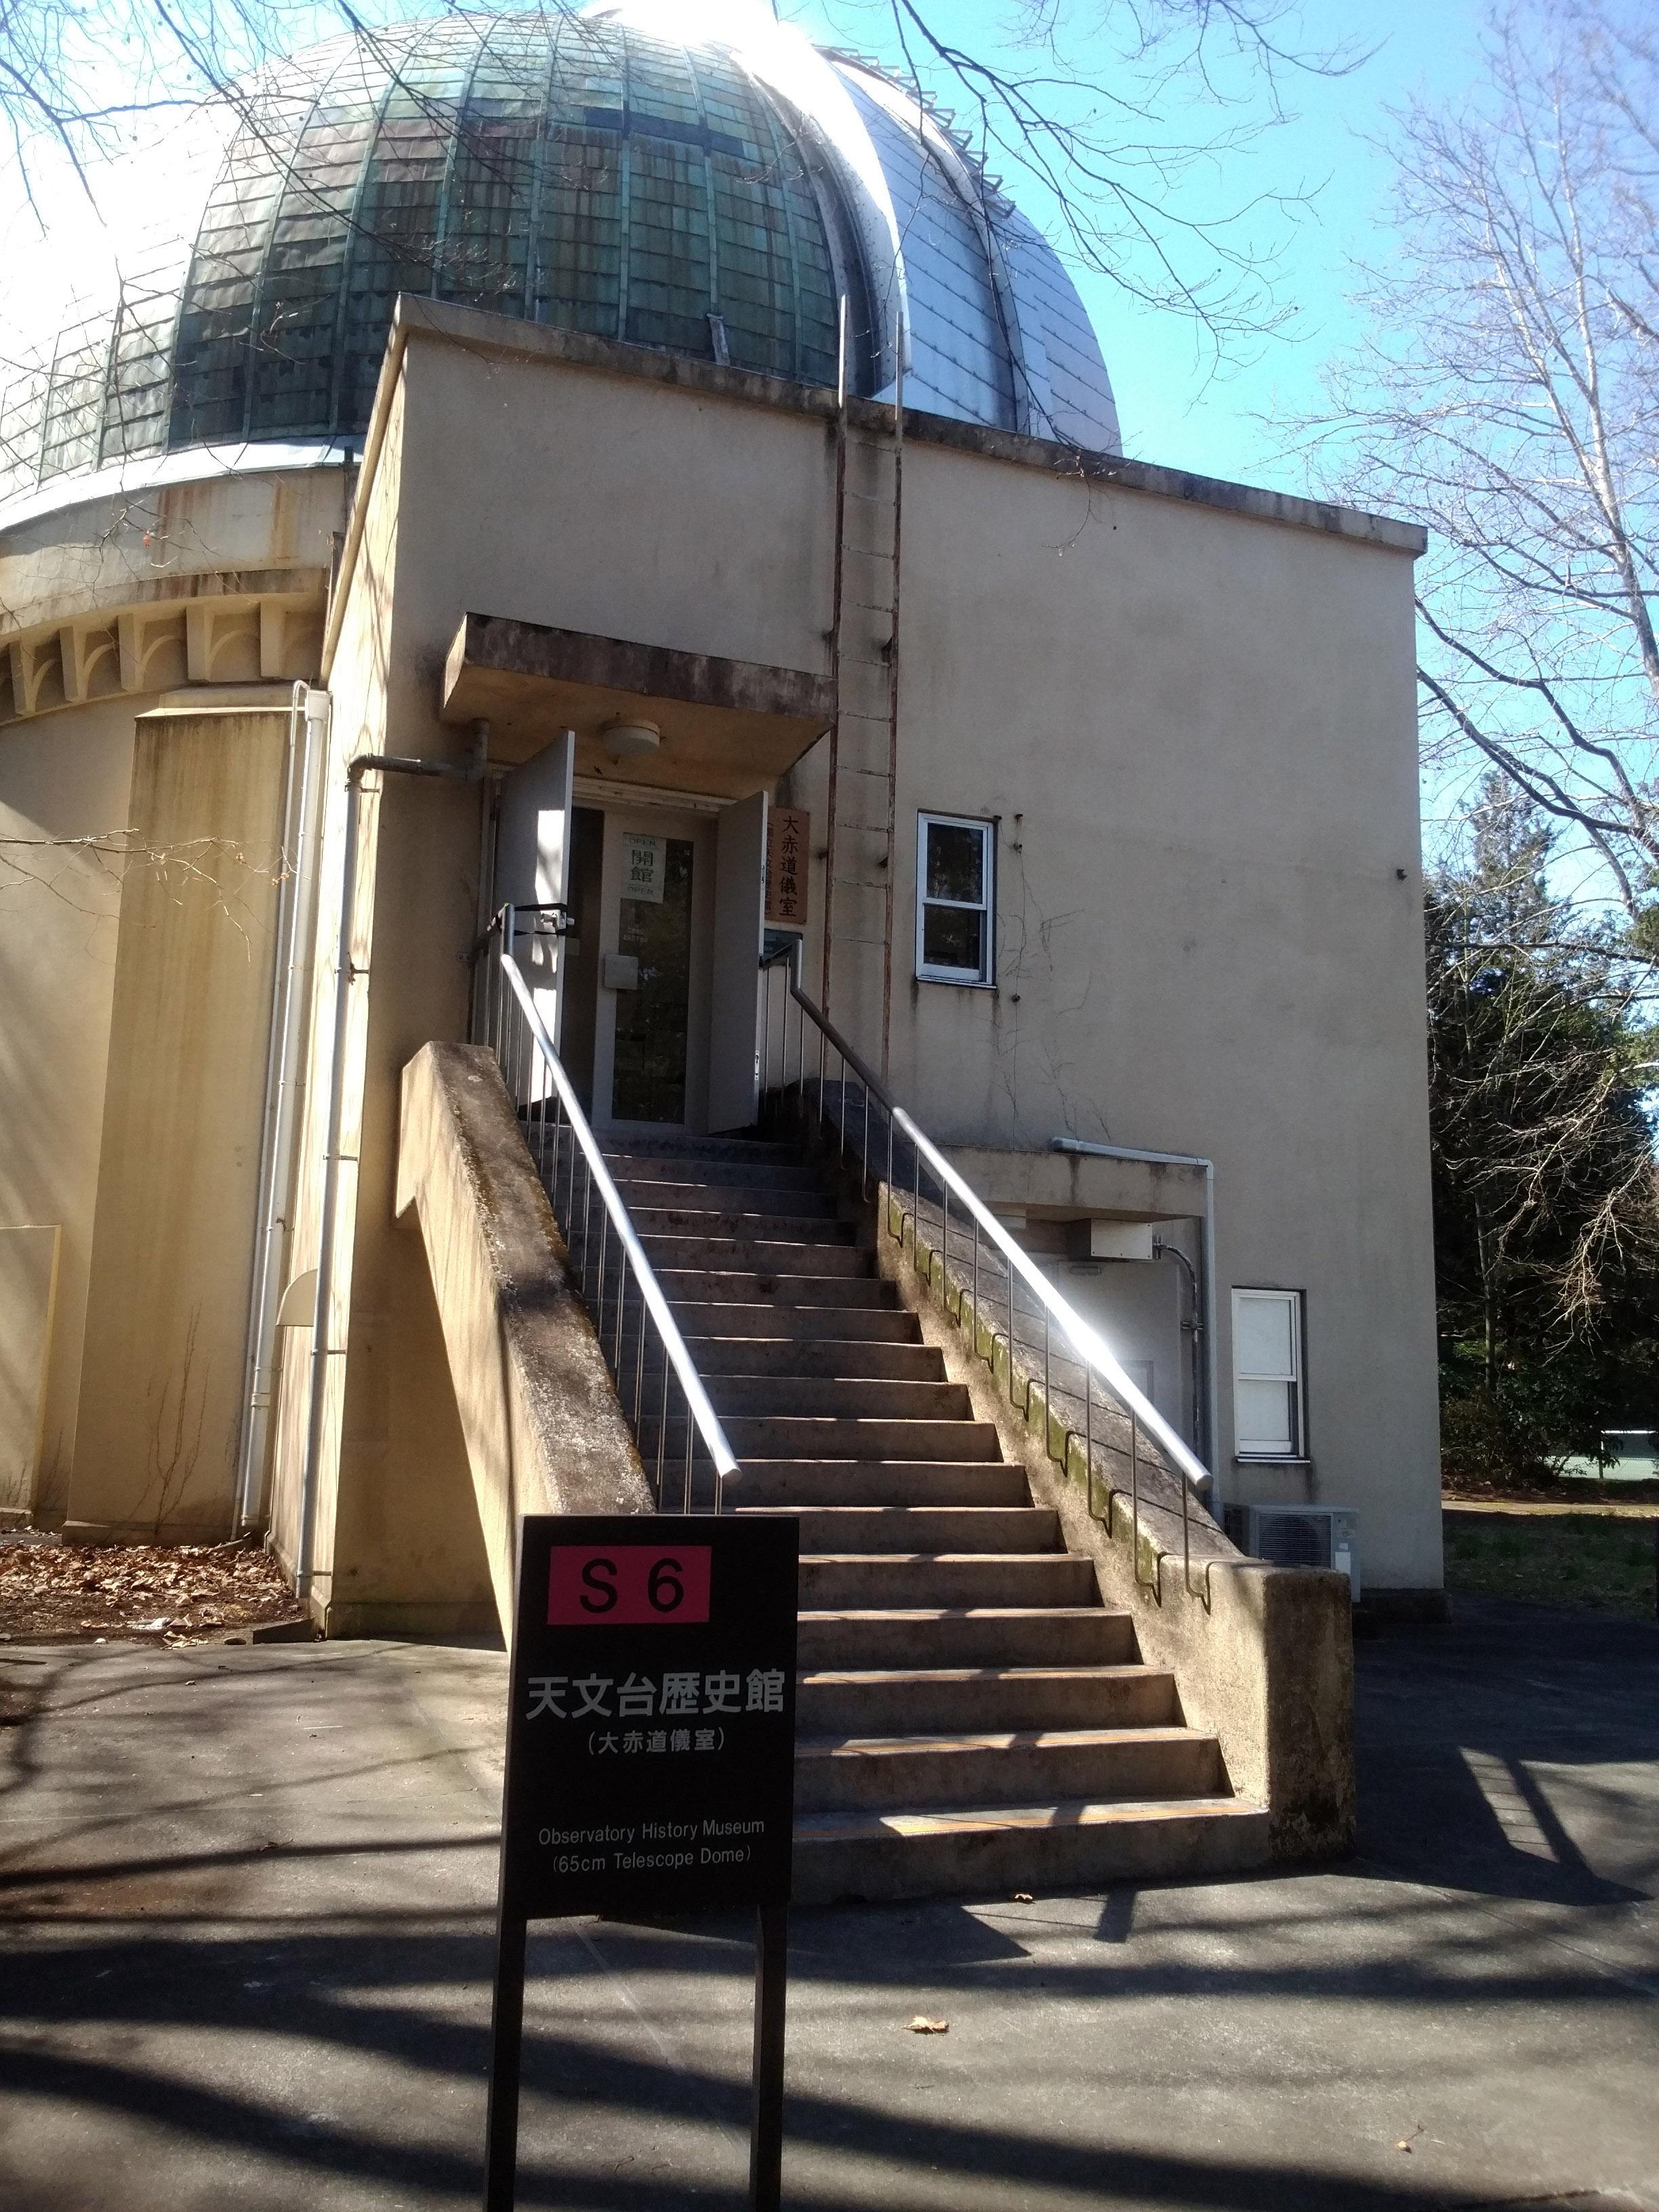 国立天文台天文台歴史館